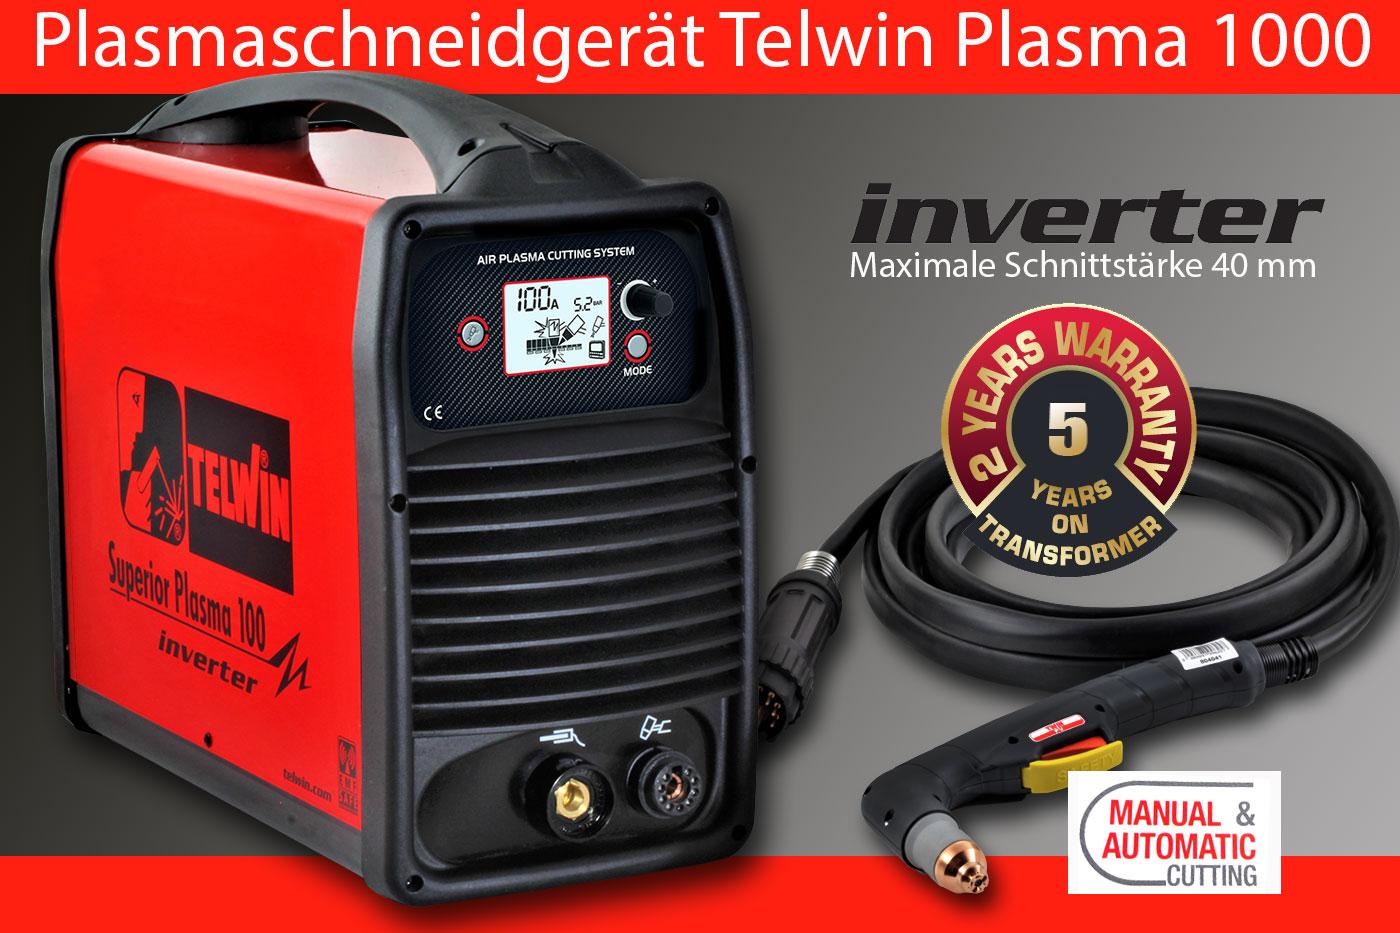 Plasmaschneidgerät Druckluft Plasma Schneidsystem Inverter Plasmaschneider Telwin Plasma 100 bei HFS Halle in Sachsen/Anhalt